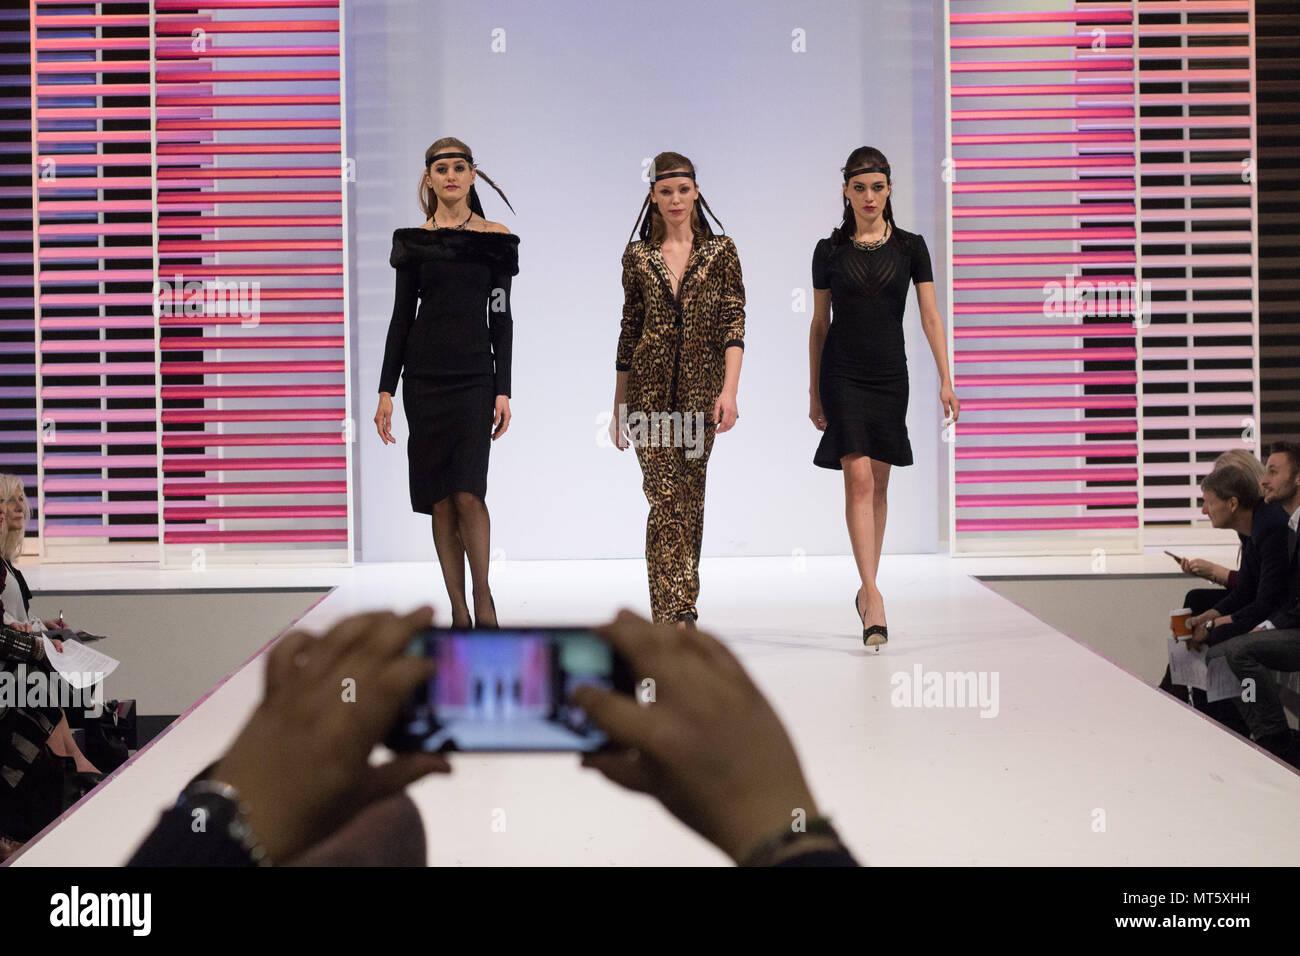 Sfilata di moda alla moda mostra Immagini Stock